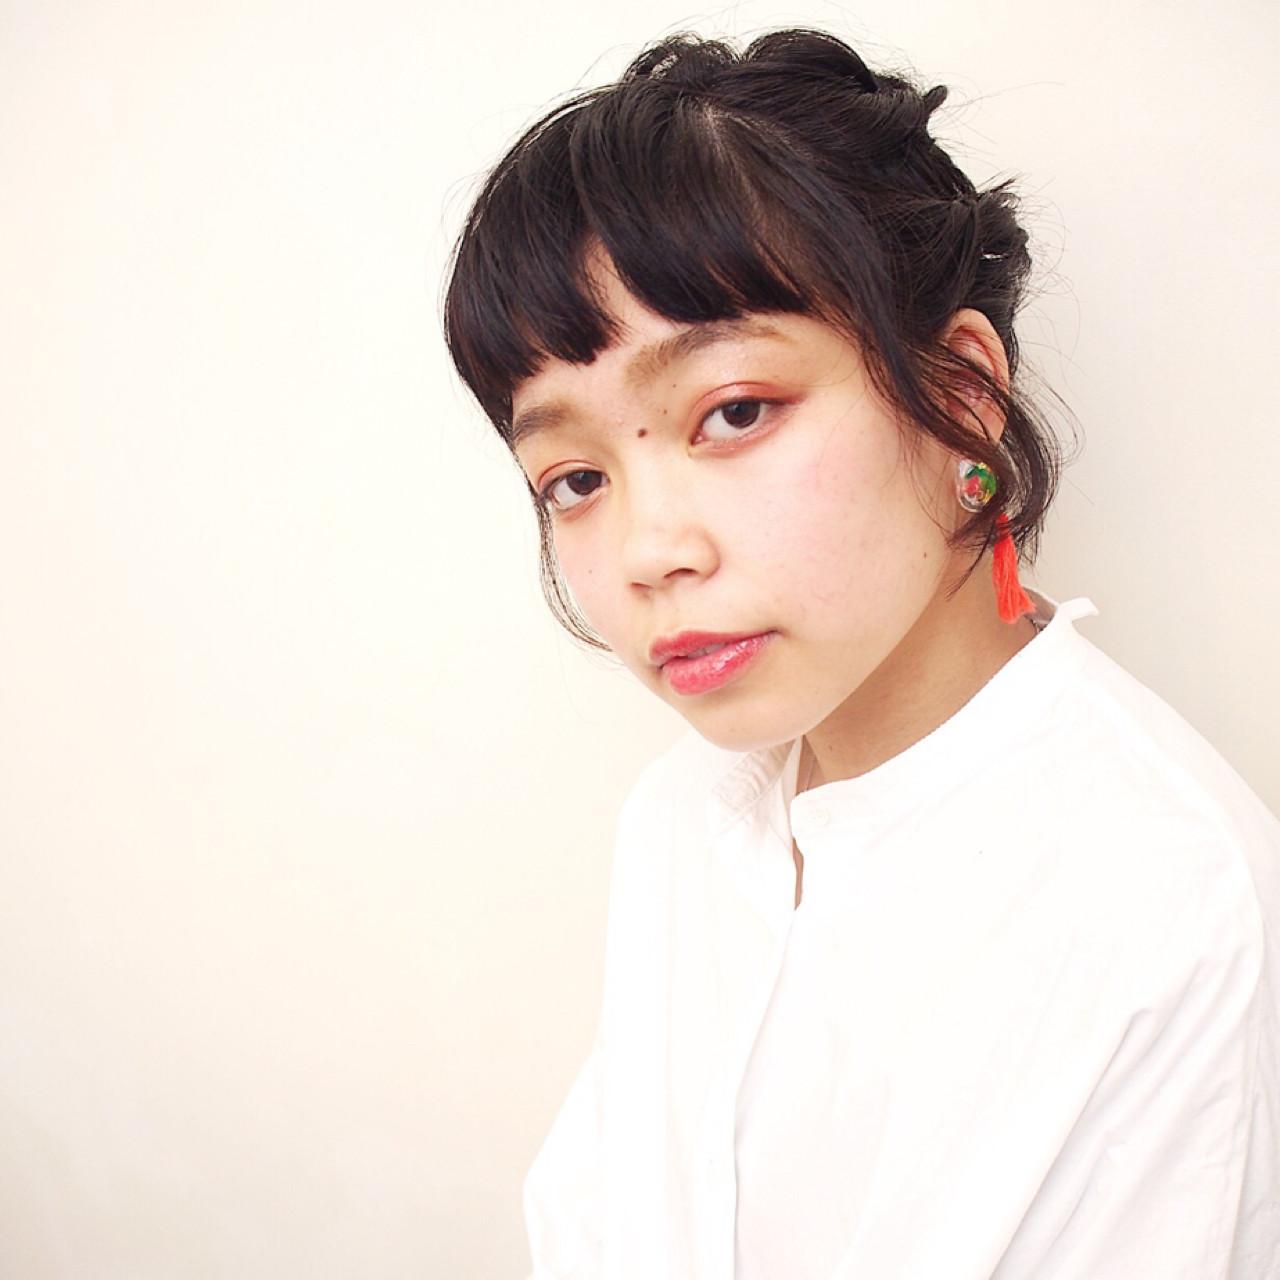 ヘアアレンジ デート 女子会 ガーリー ヘアスタイルや髪型の写真・画像